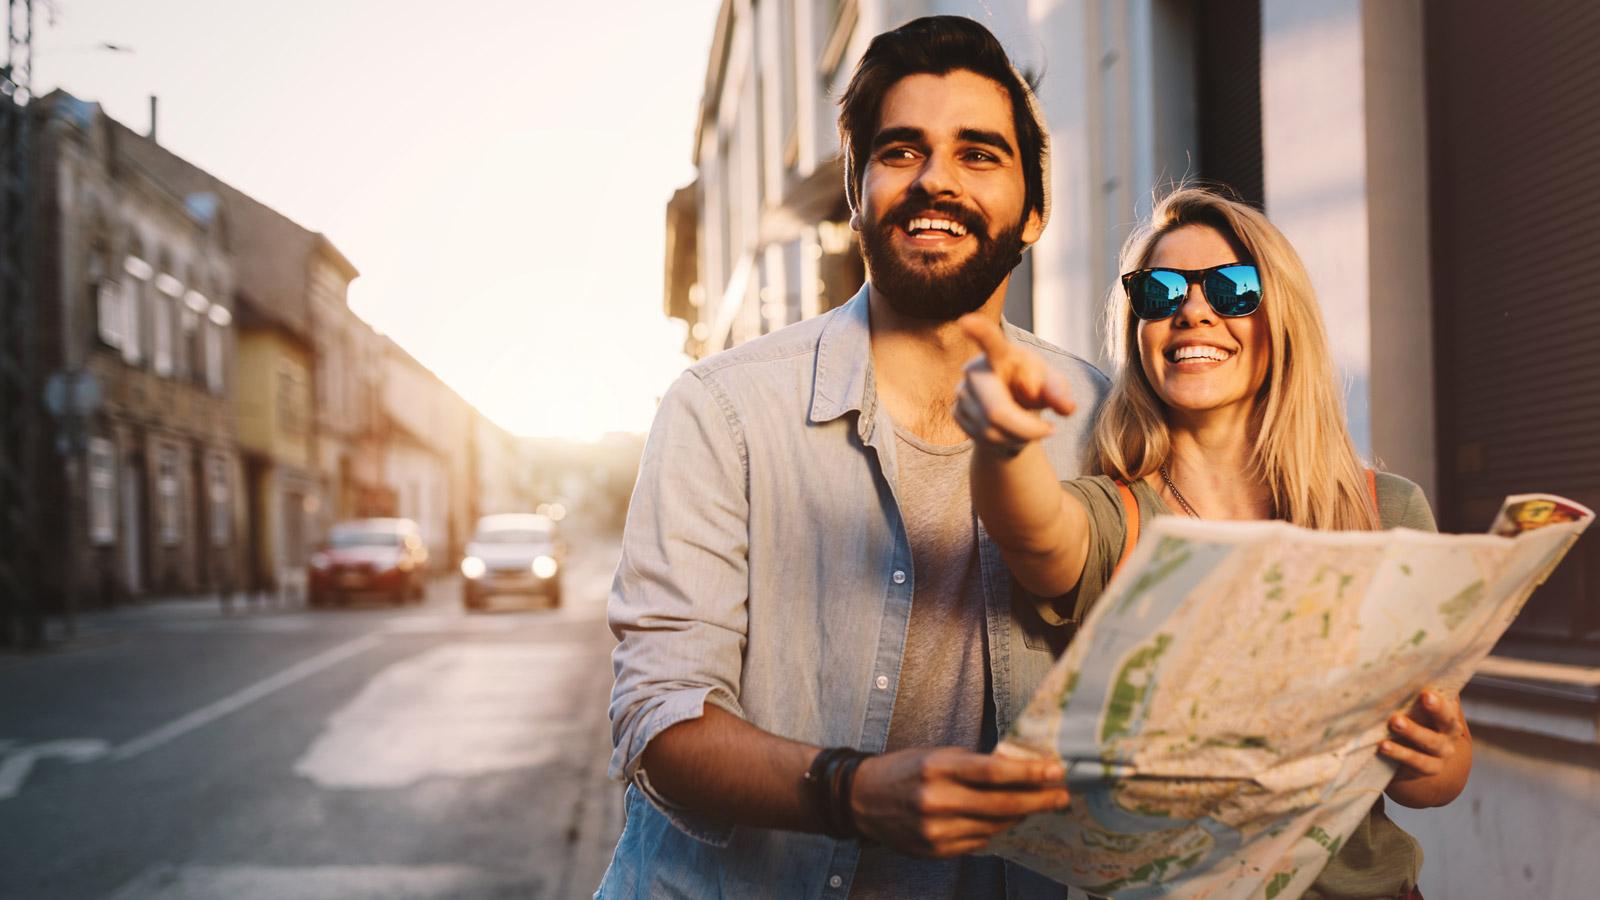 Ile Polacy planują wydać na wakacje w mieście? travel mediarun lato miasto urlop 2020